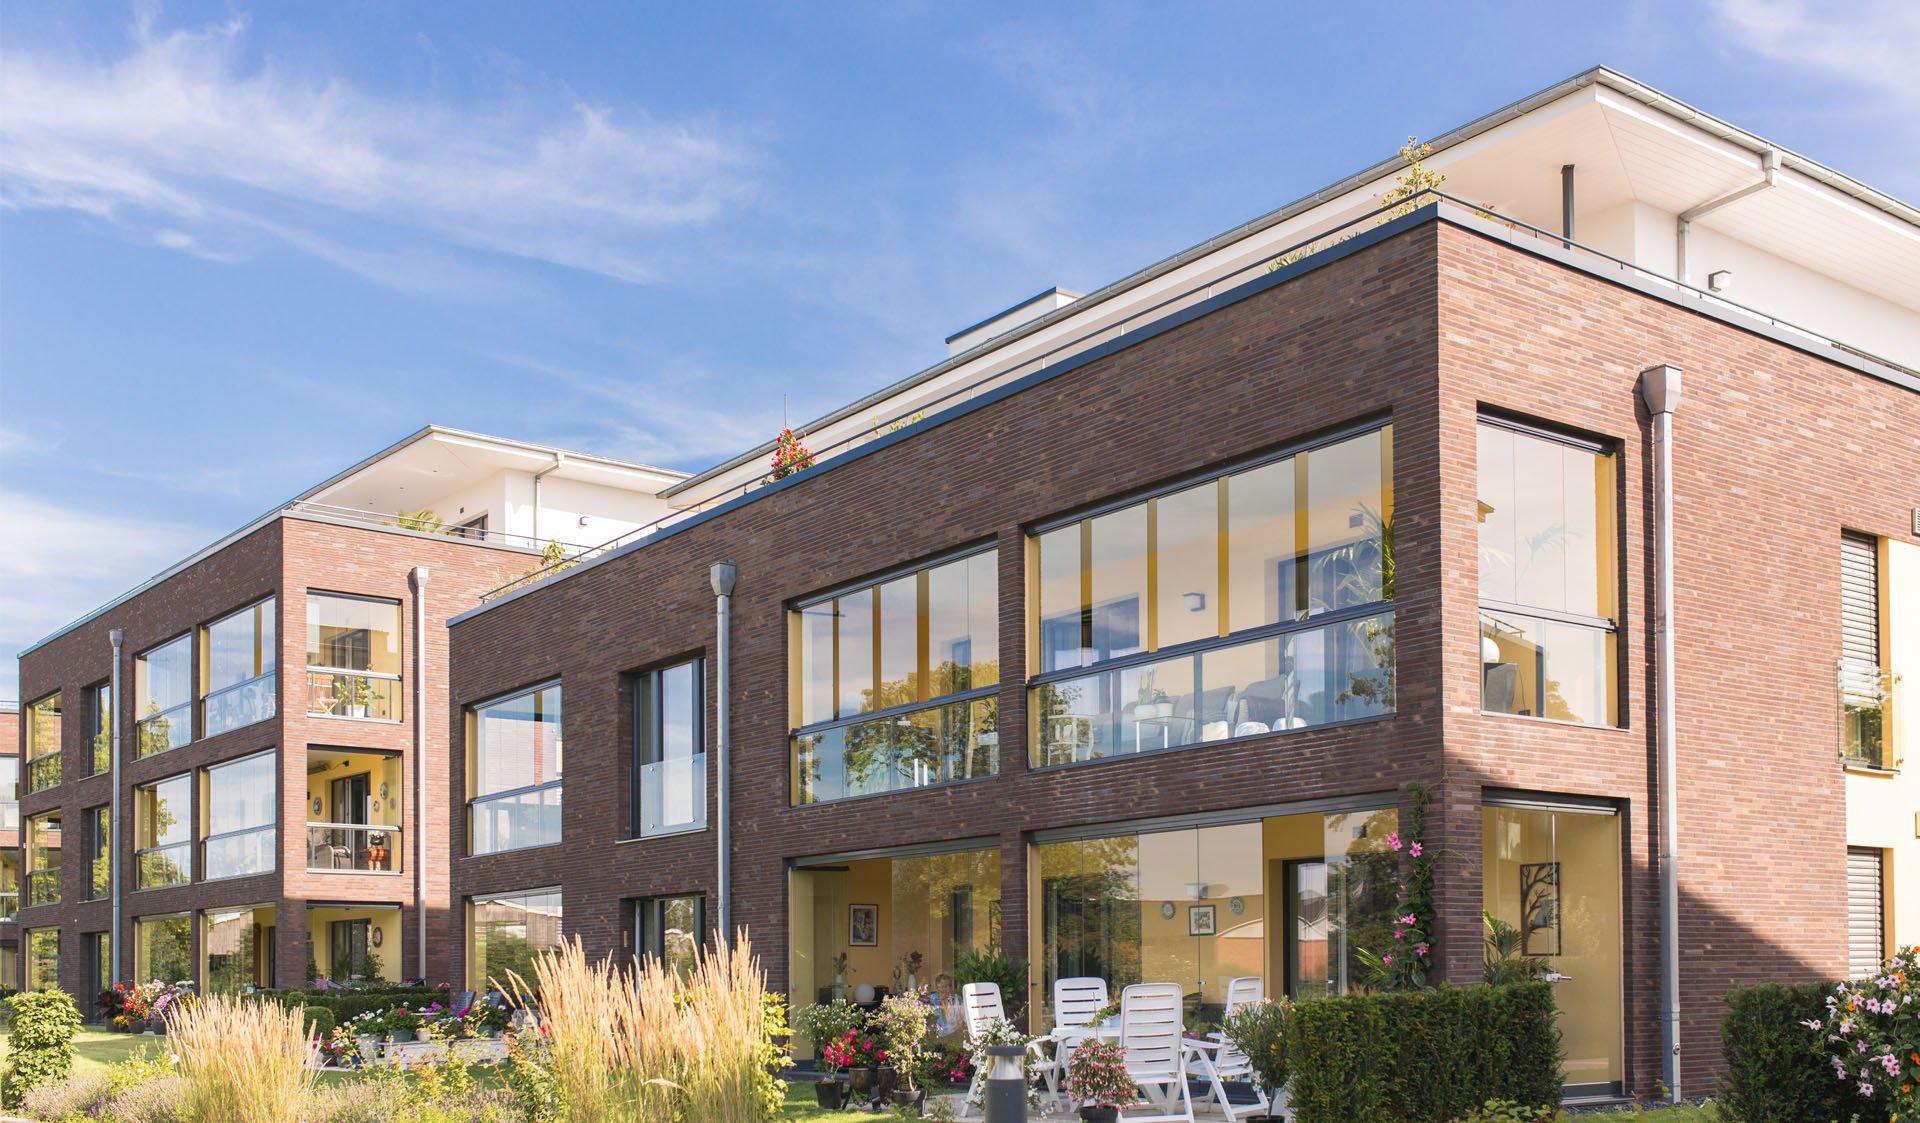 Wohnhäuser mit Gartenanlagen